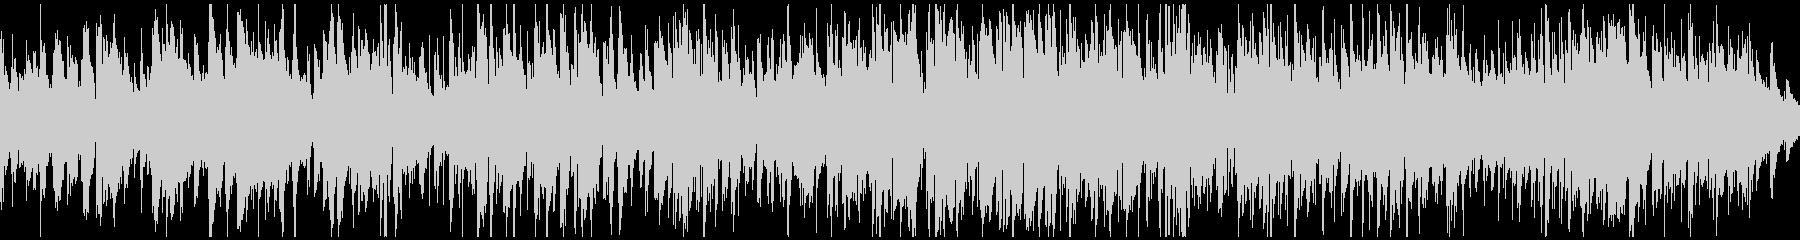 切ないアコースティックジャズ ※ループ版の未再生の波形